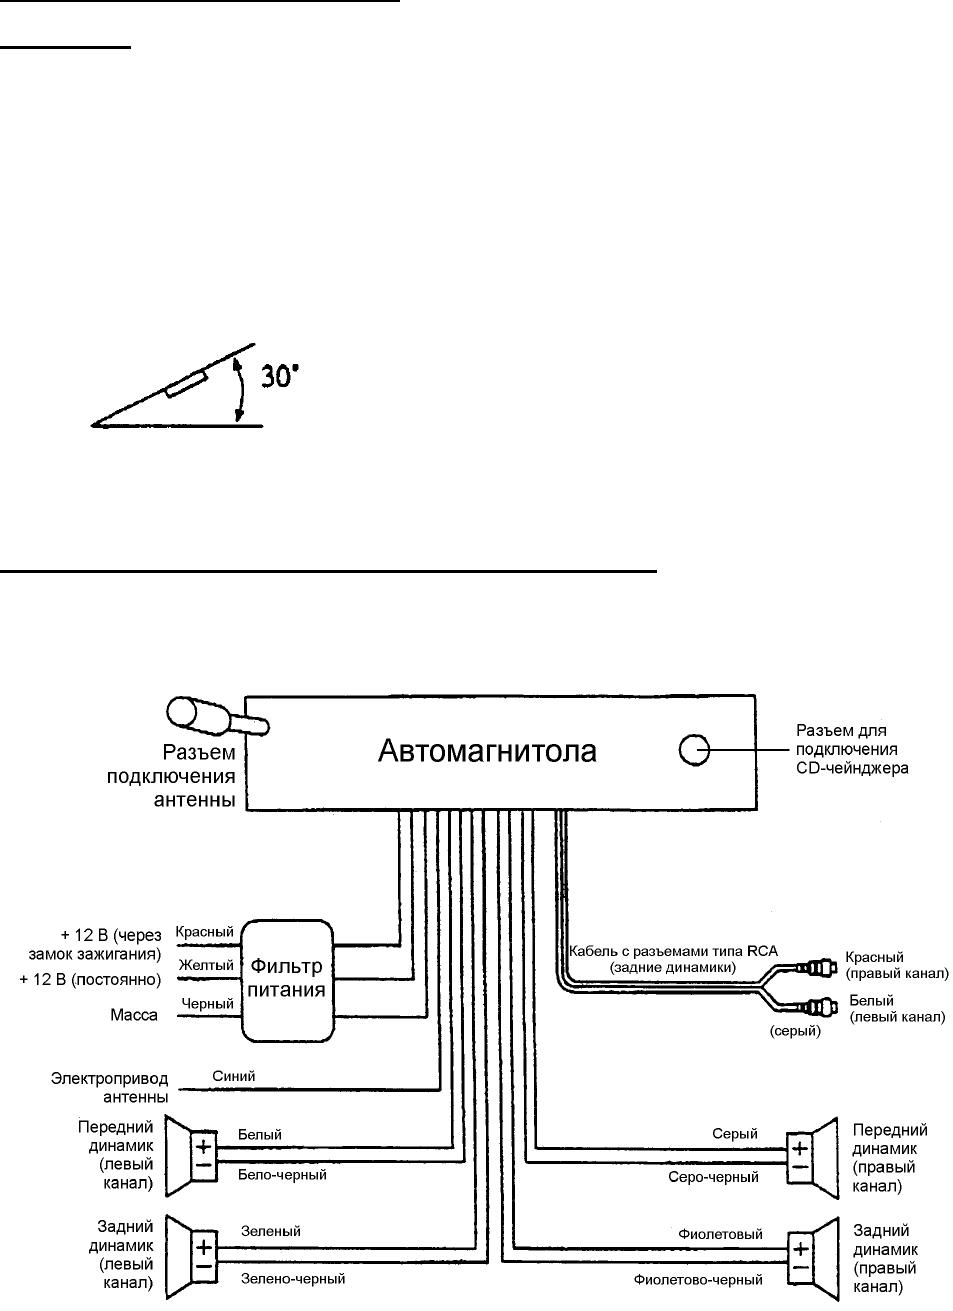 Как правильно подключить (установить) магнитолу в автомобиле и схема подсоединения магнитофона по цветам проводов к автомобилю